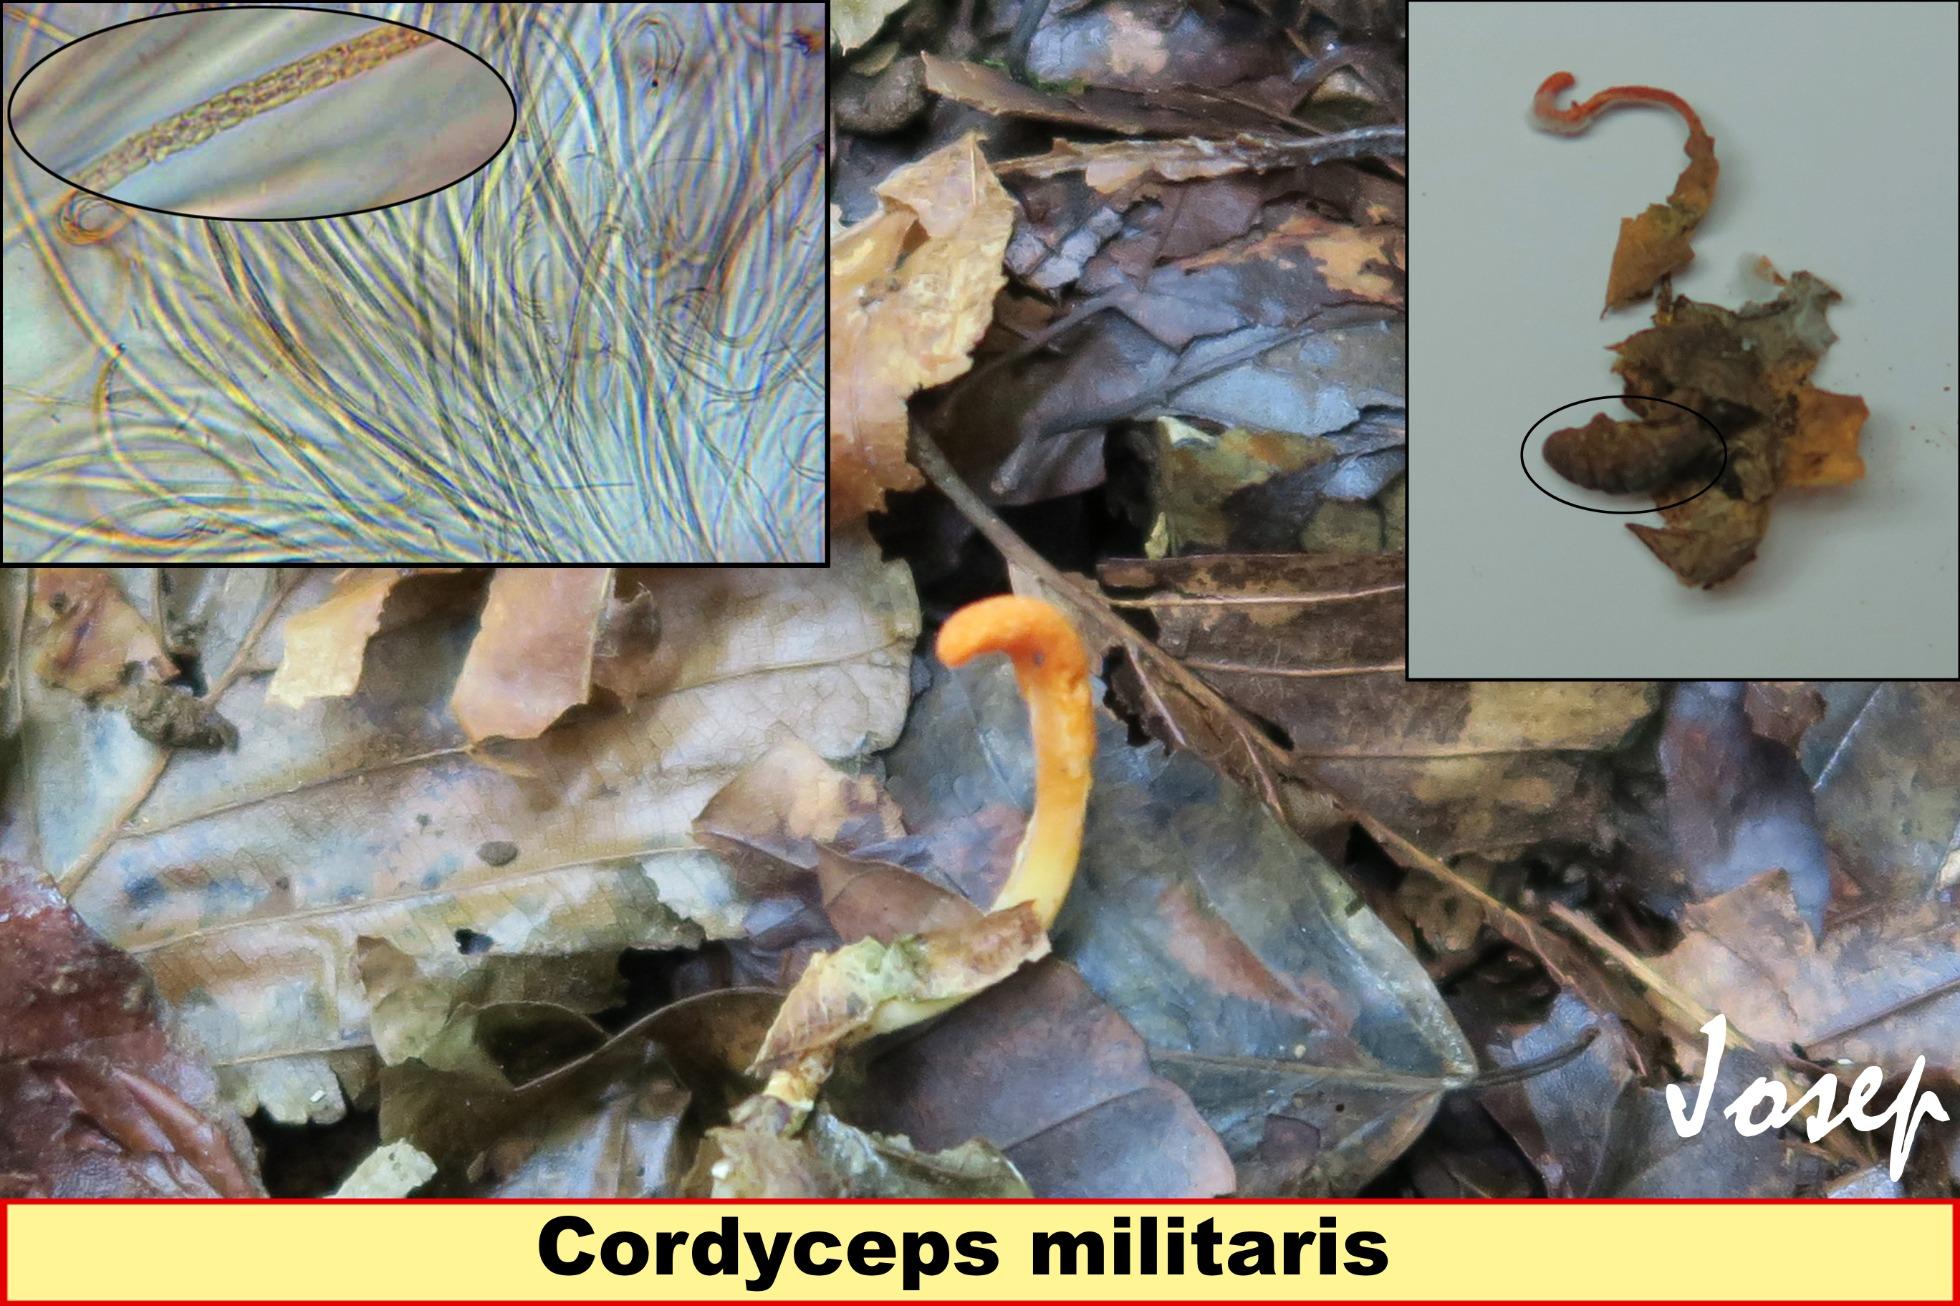 Cordycepsmilitaris_2018-12-21.jpg